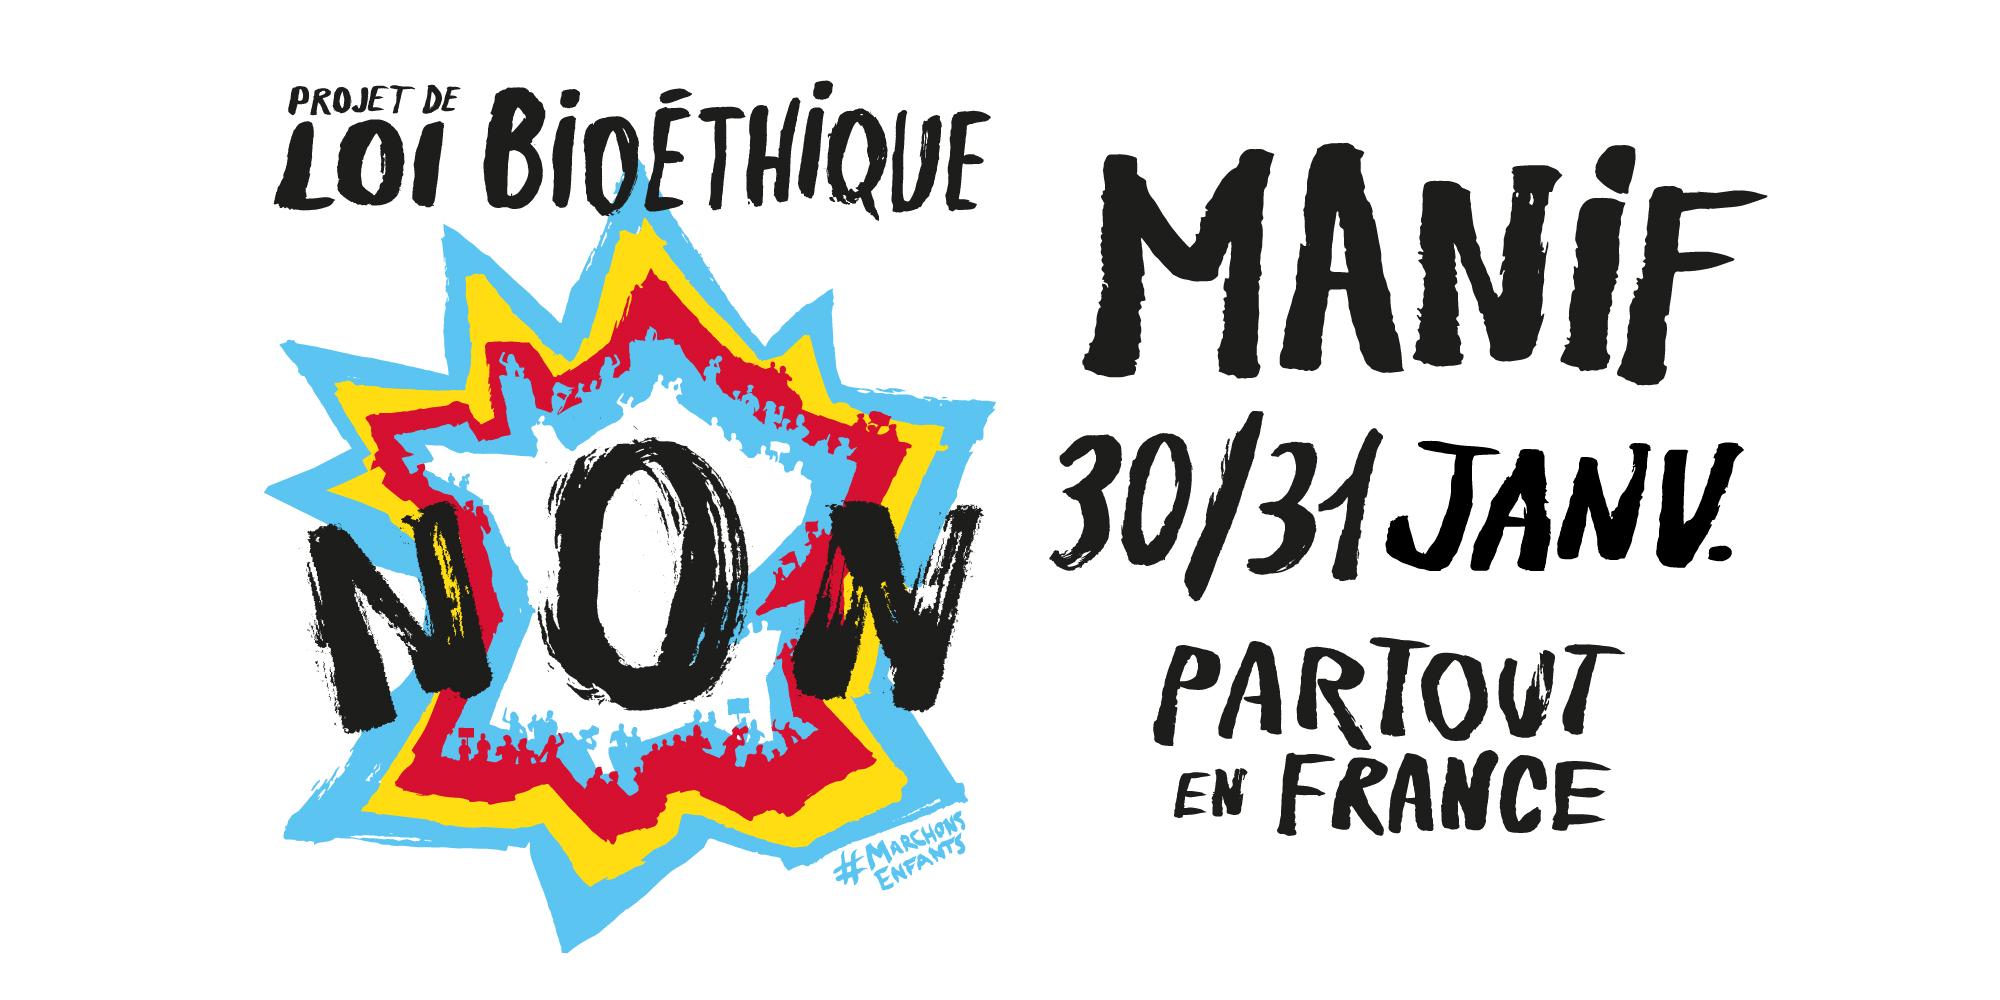 Image - Week-end de mobilisation nationale contre le projet de loi bioéthique, la PMA sans père et la GPA